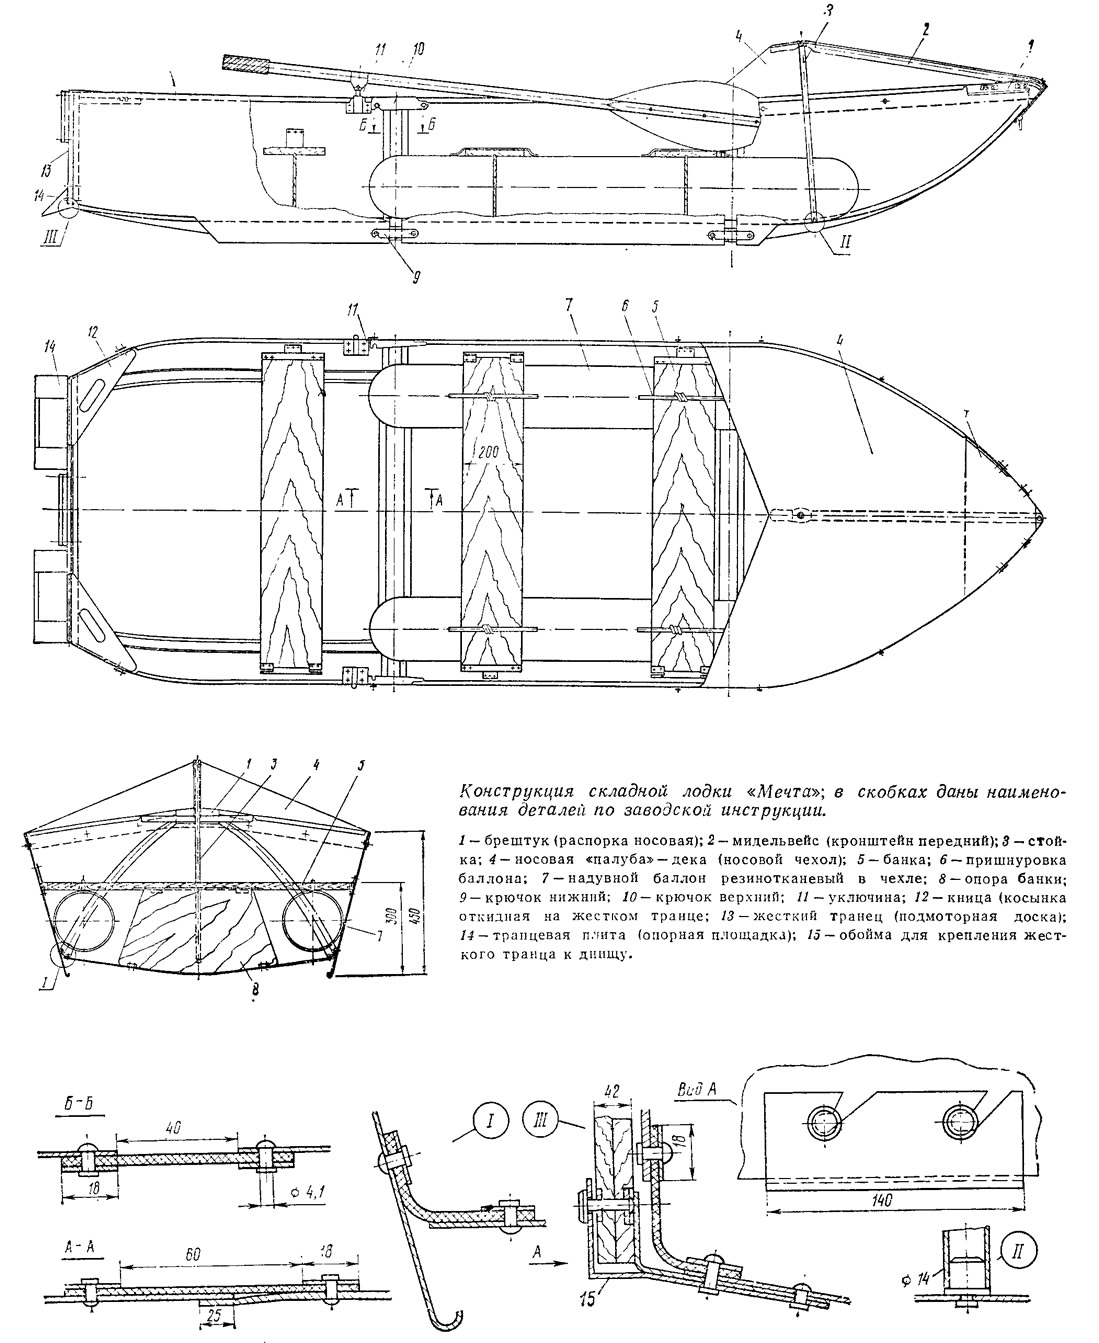 Изготовление чертежи лодок из алюминия